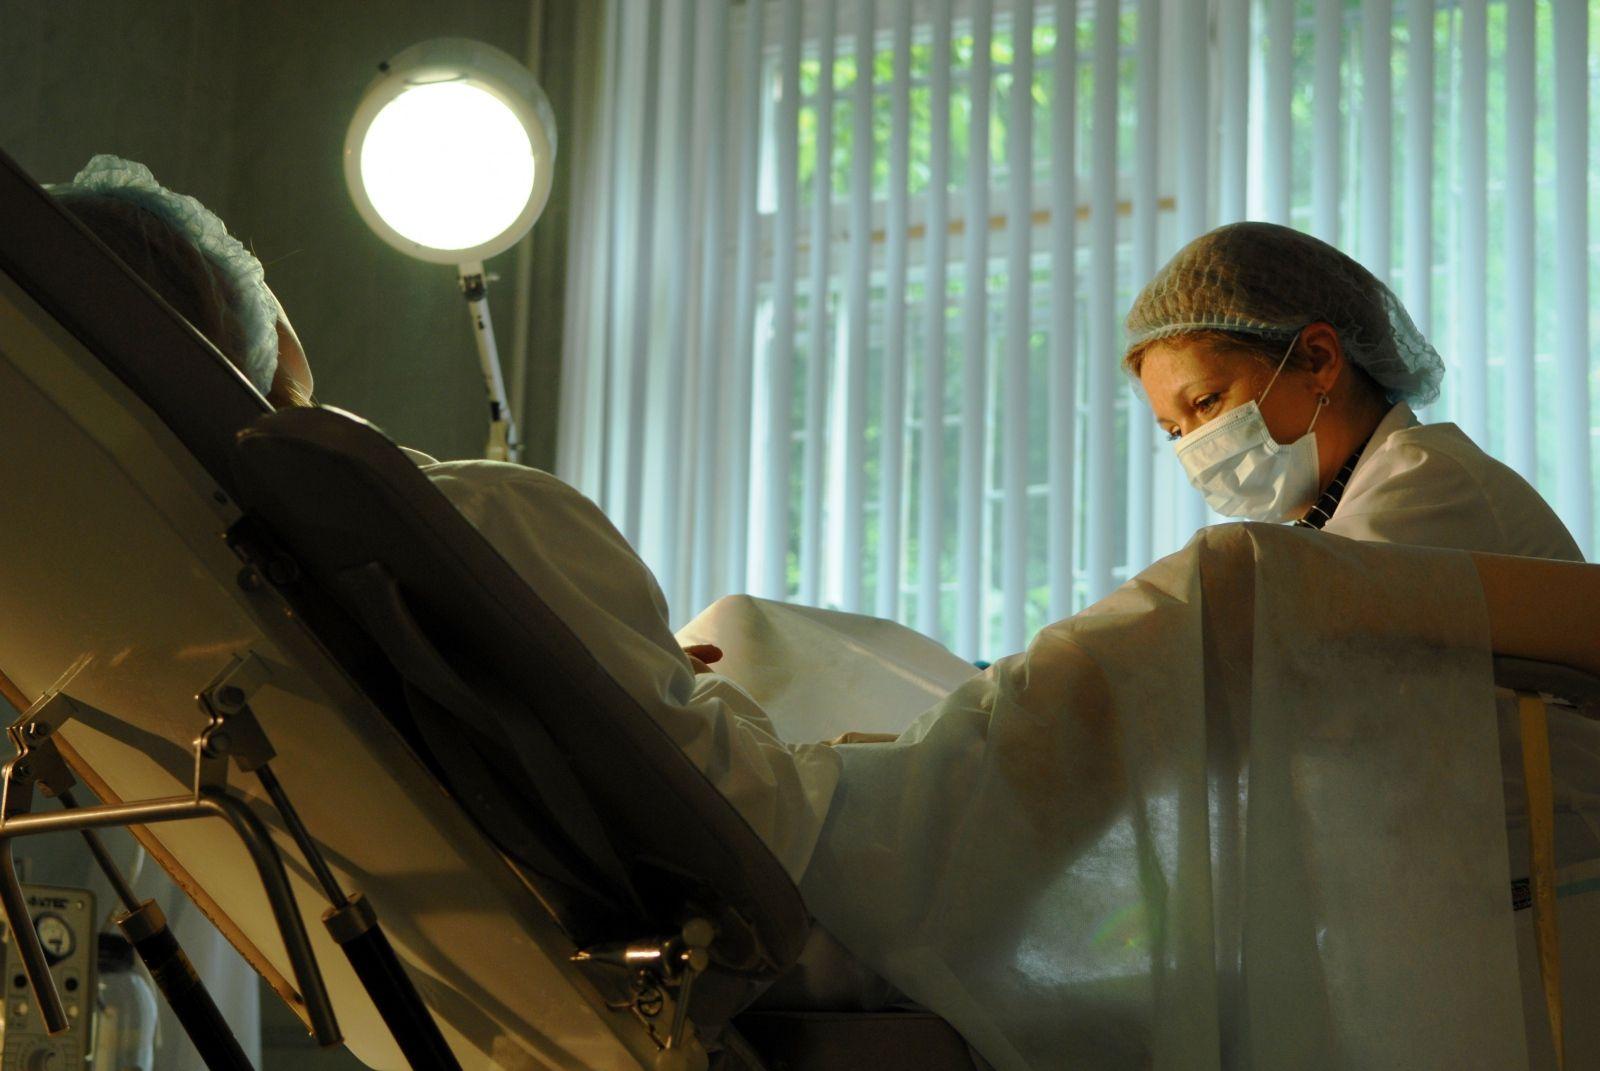 Раздівайся ти в гінеколога смотреть онлайн 22 фотография